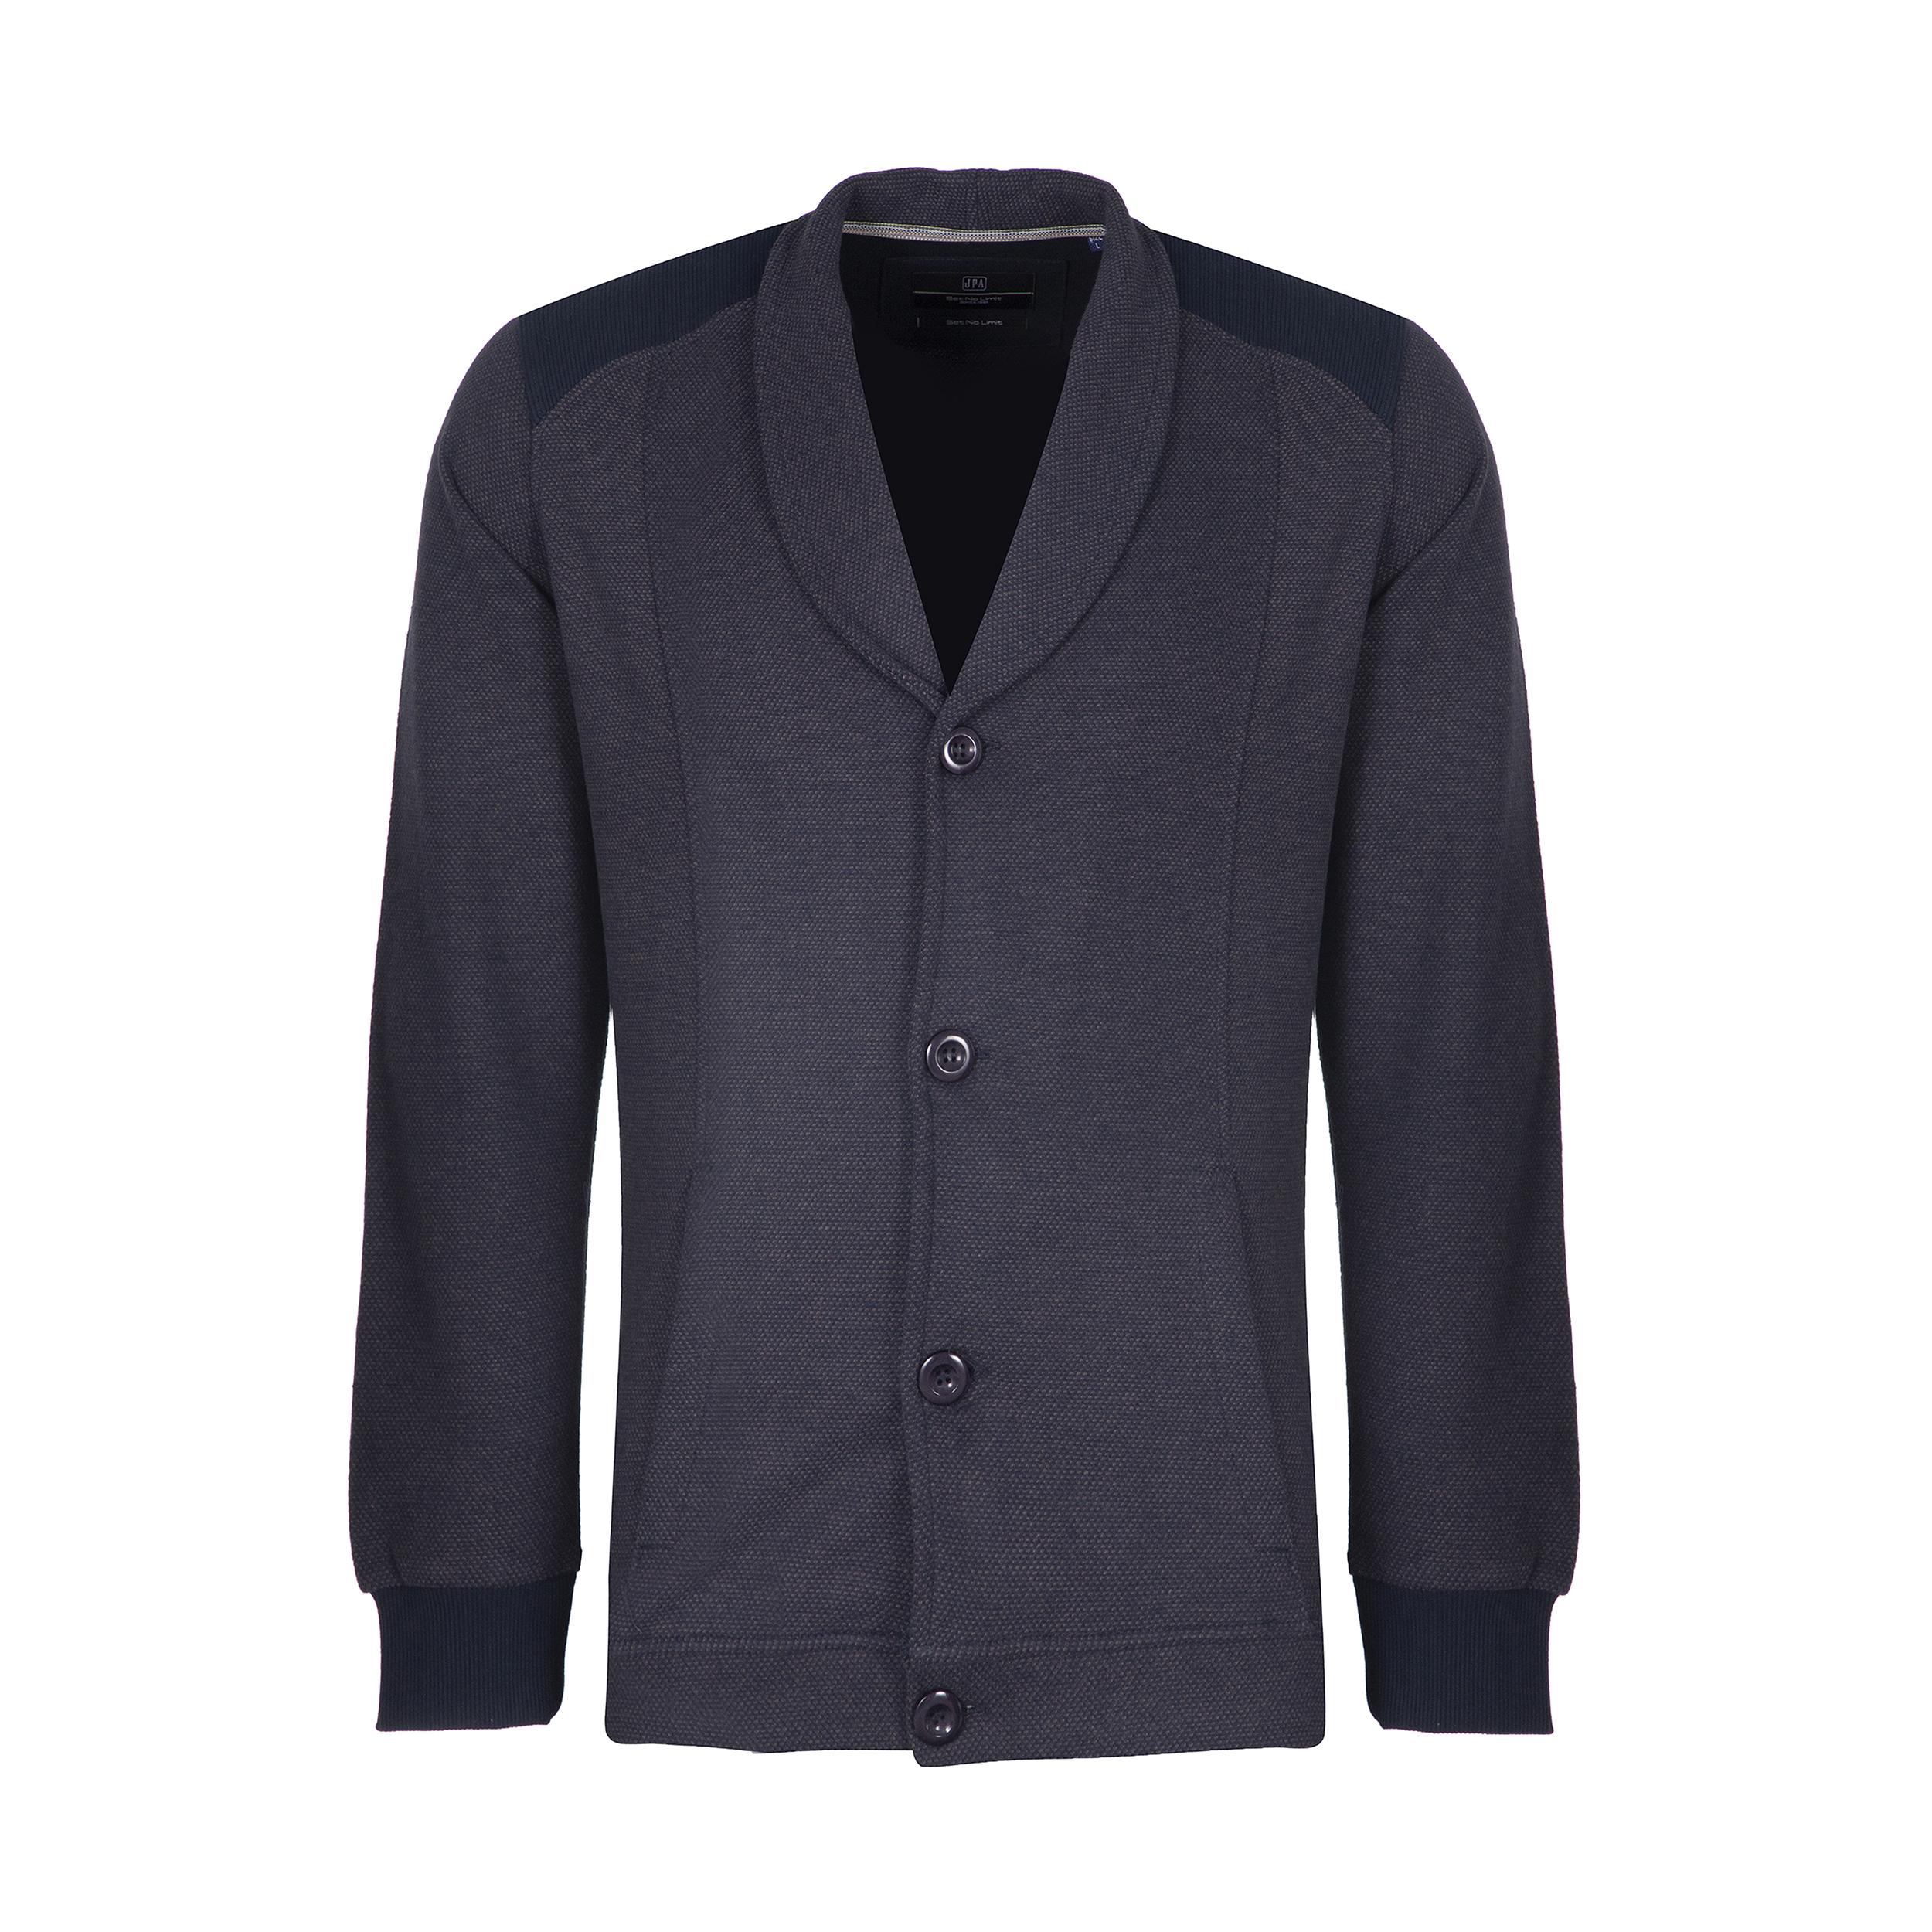 ژاکت مردانه جامه پوش آرا مدل 4581178152-36